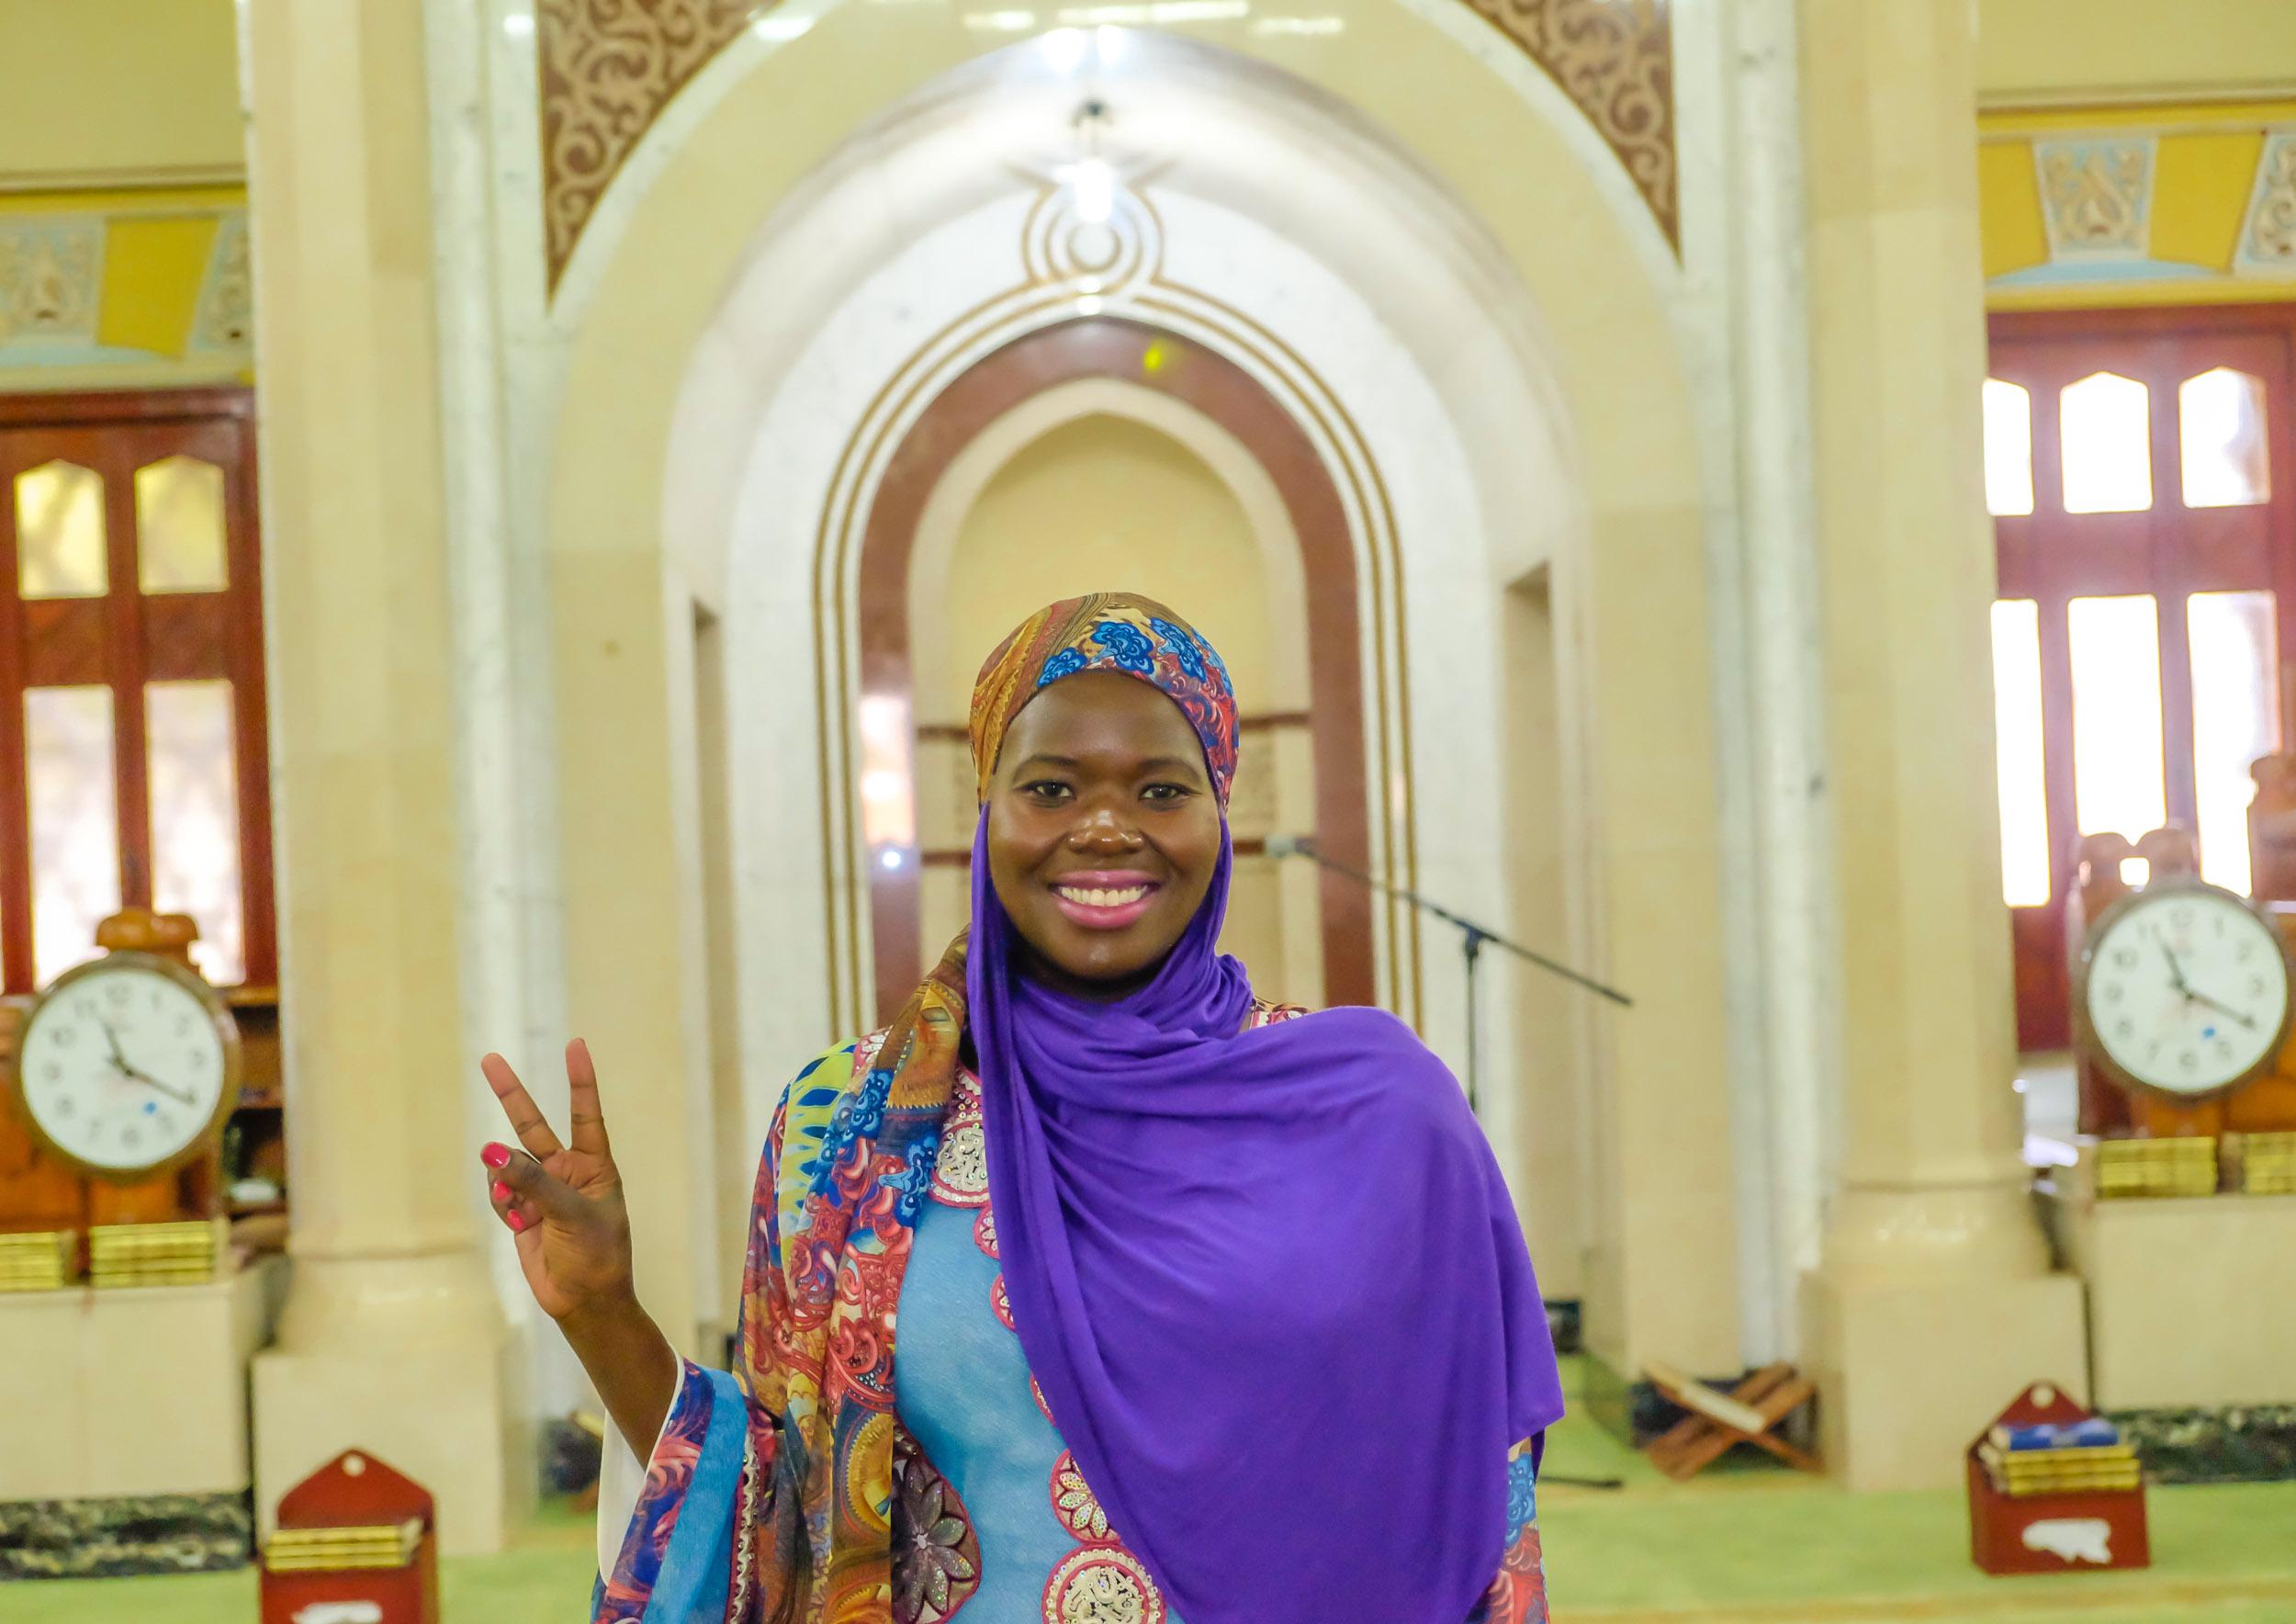 10 me in mosque.jpg